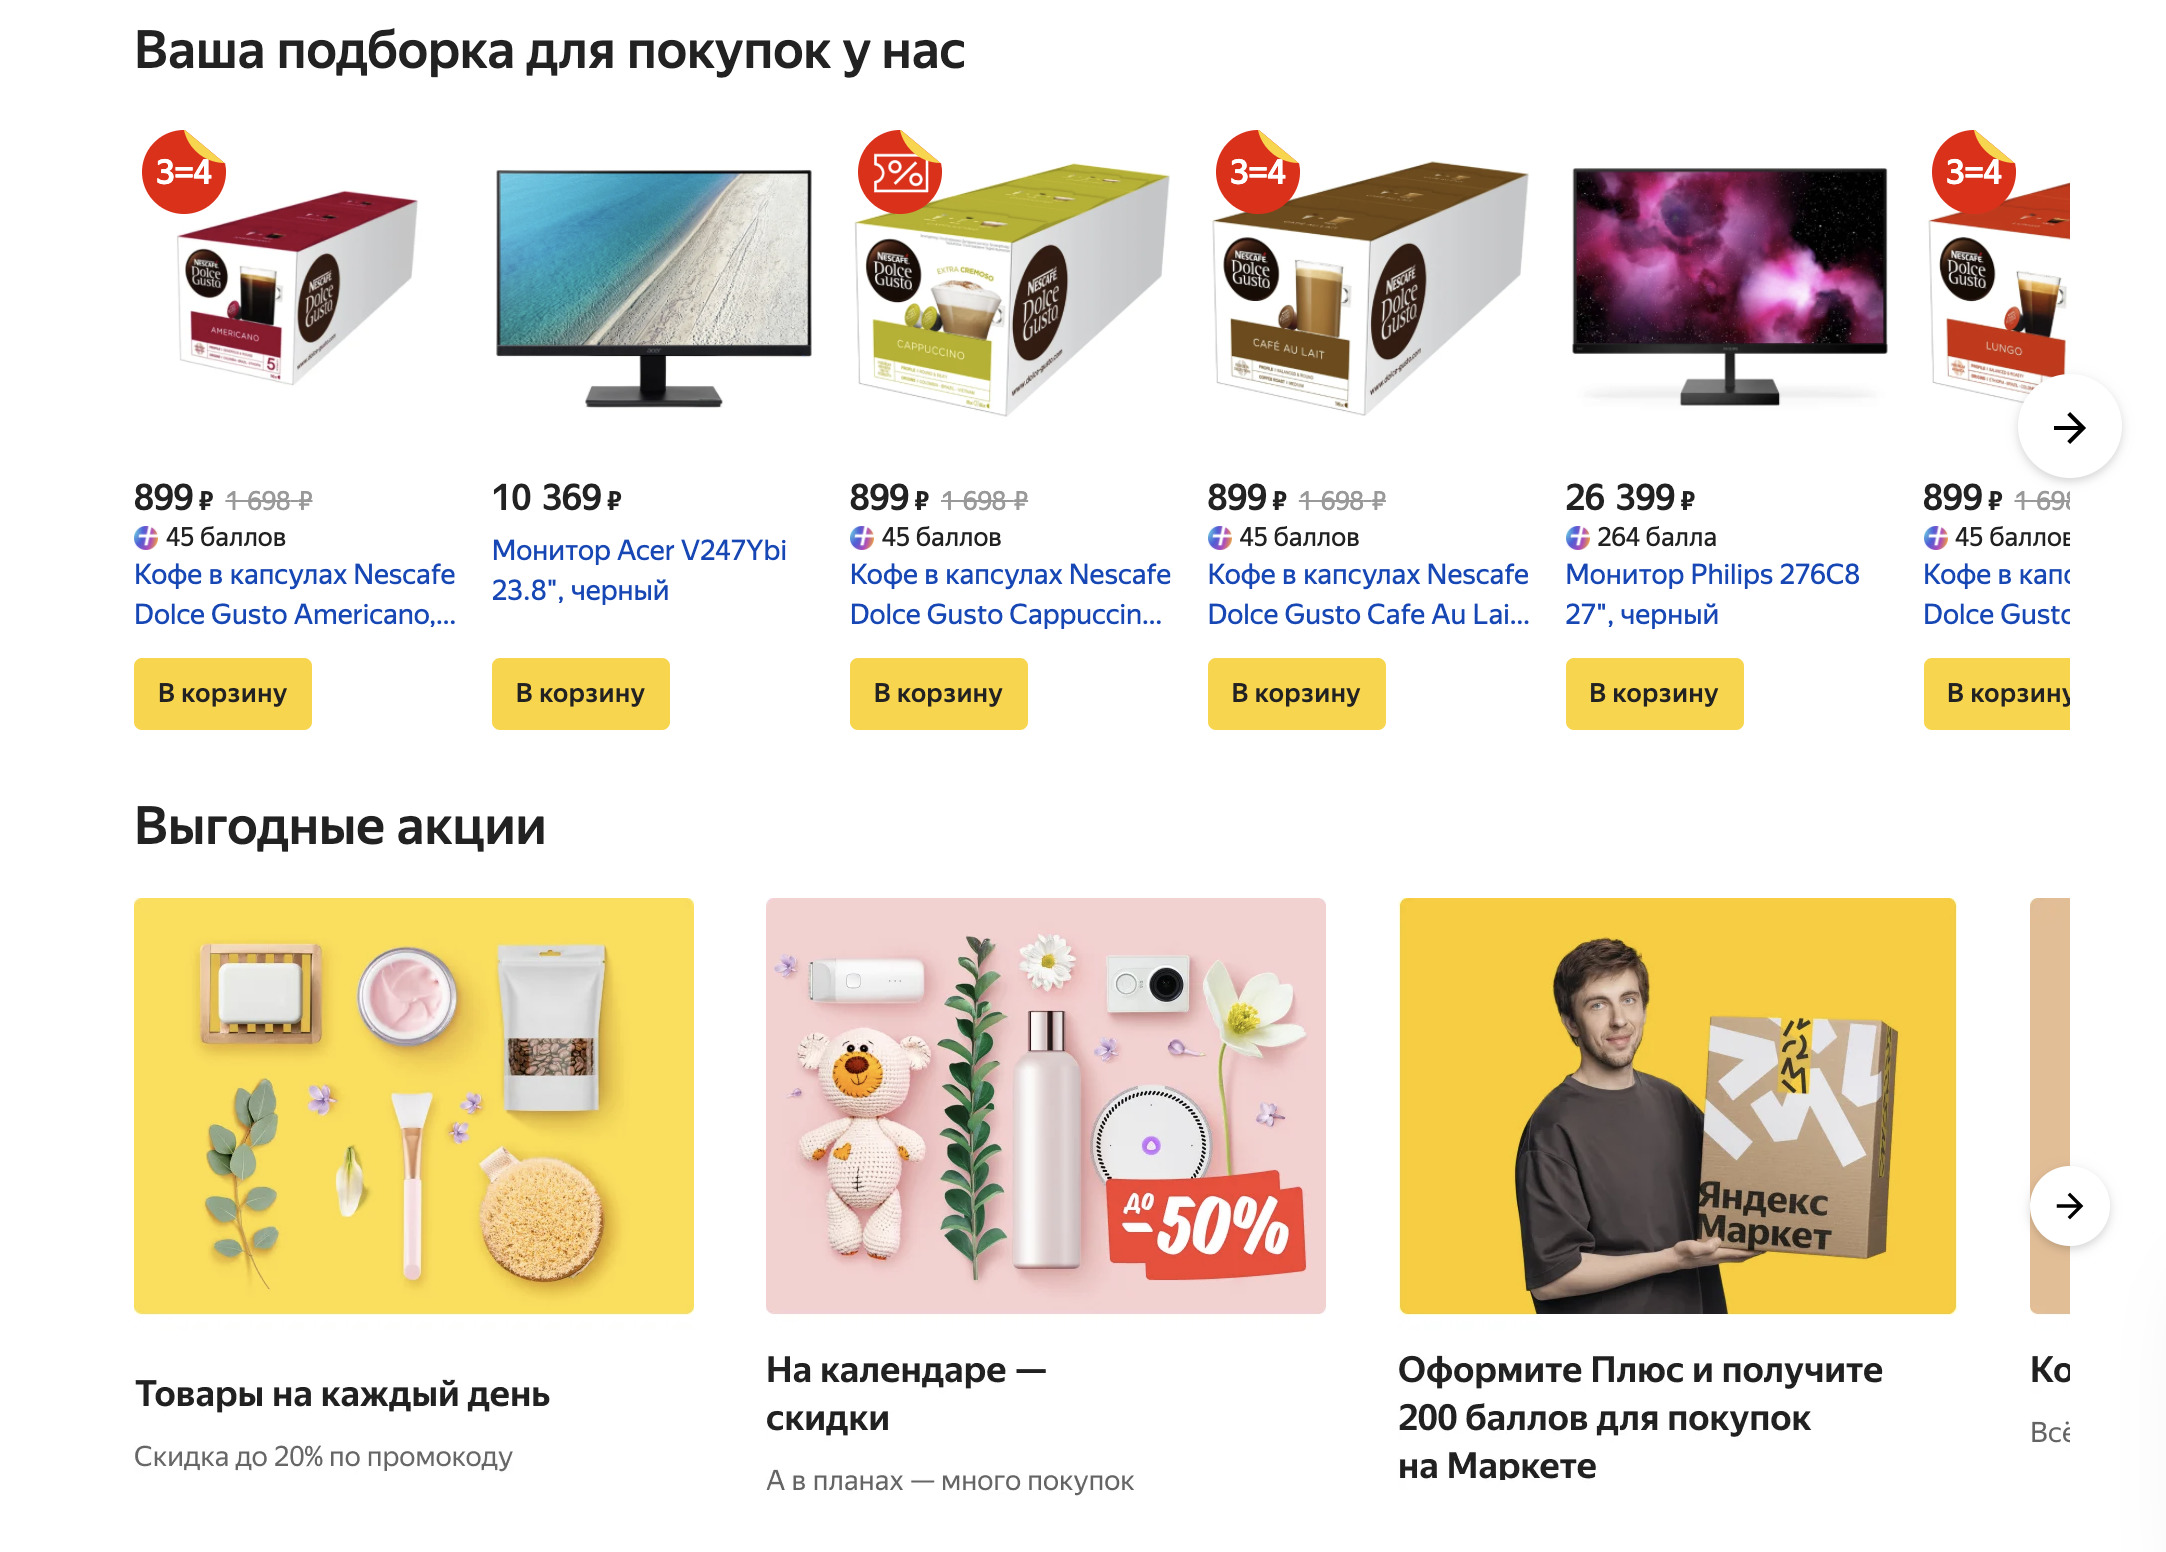 Доставка из Яндекс.Маркет в Краснодар, сроки, пункты выдачи, каталог